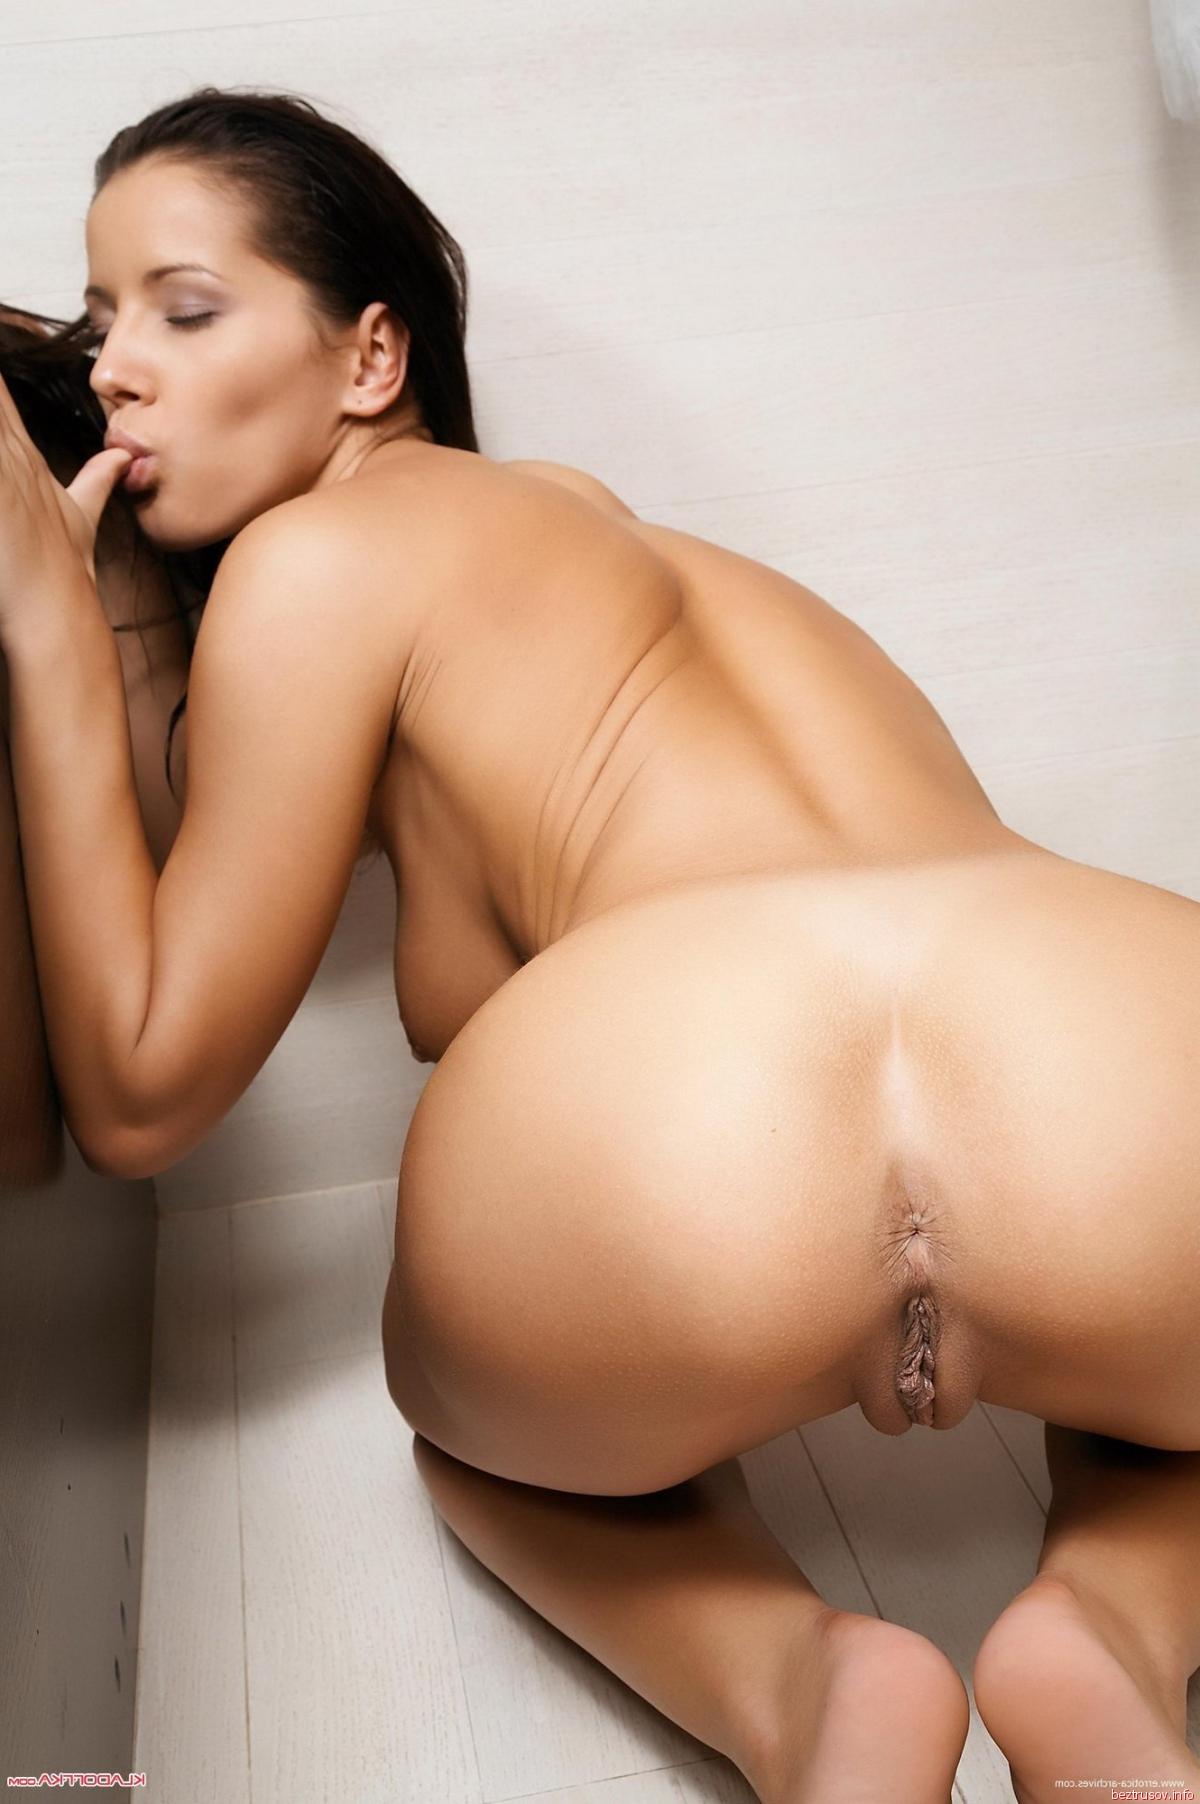 восполнить богатые порно звезды аффтара сенкс! моему мнению